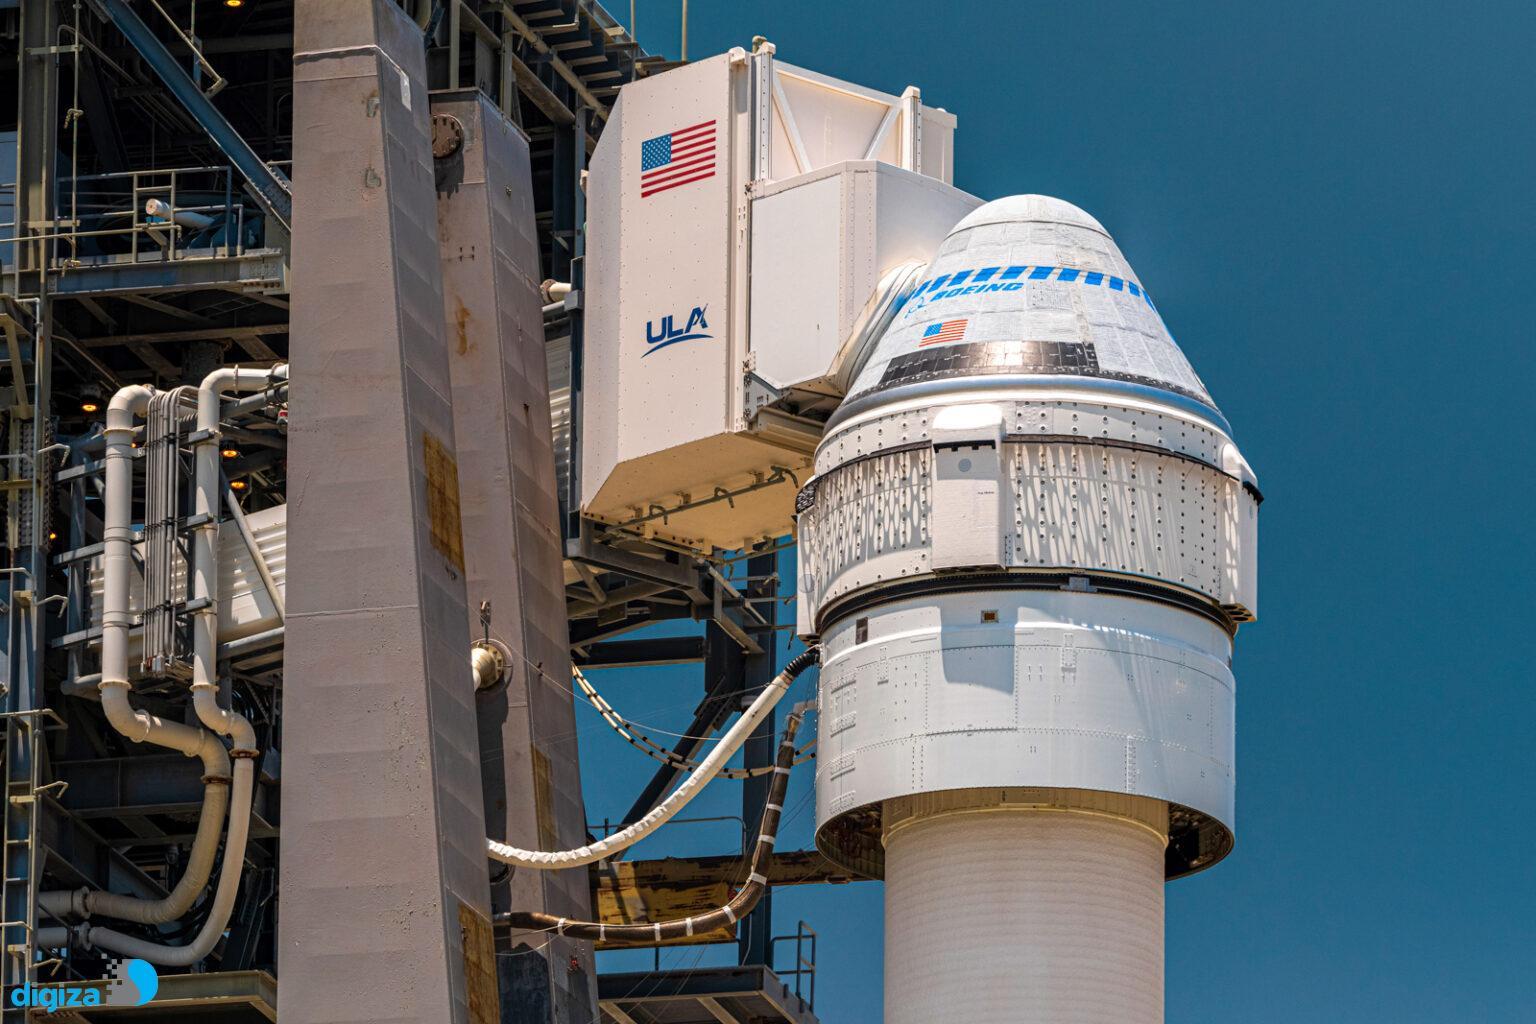 پرتاب فضاپیمای استارلاینر بوئینگ تا مدت نامعلومی به تعویق افتاد